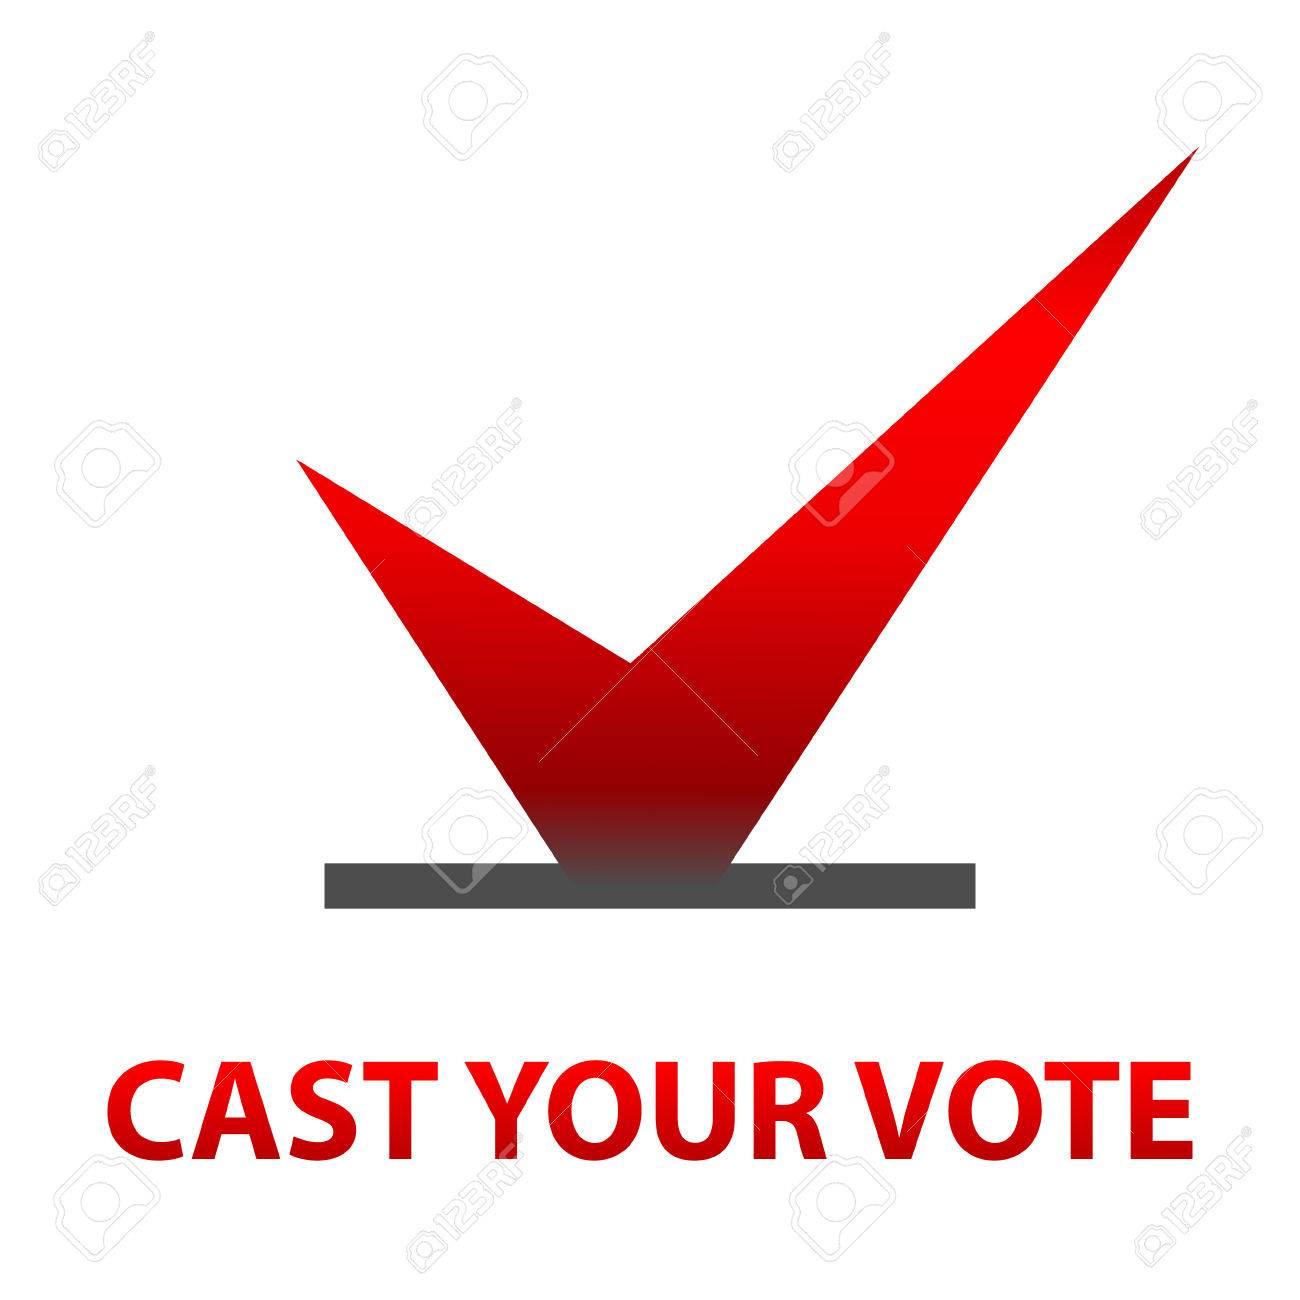 Emitir Su Voto Símbolos De Diseño. Elecciones Plantilla Iconos ...